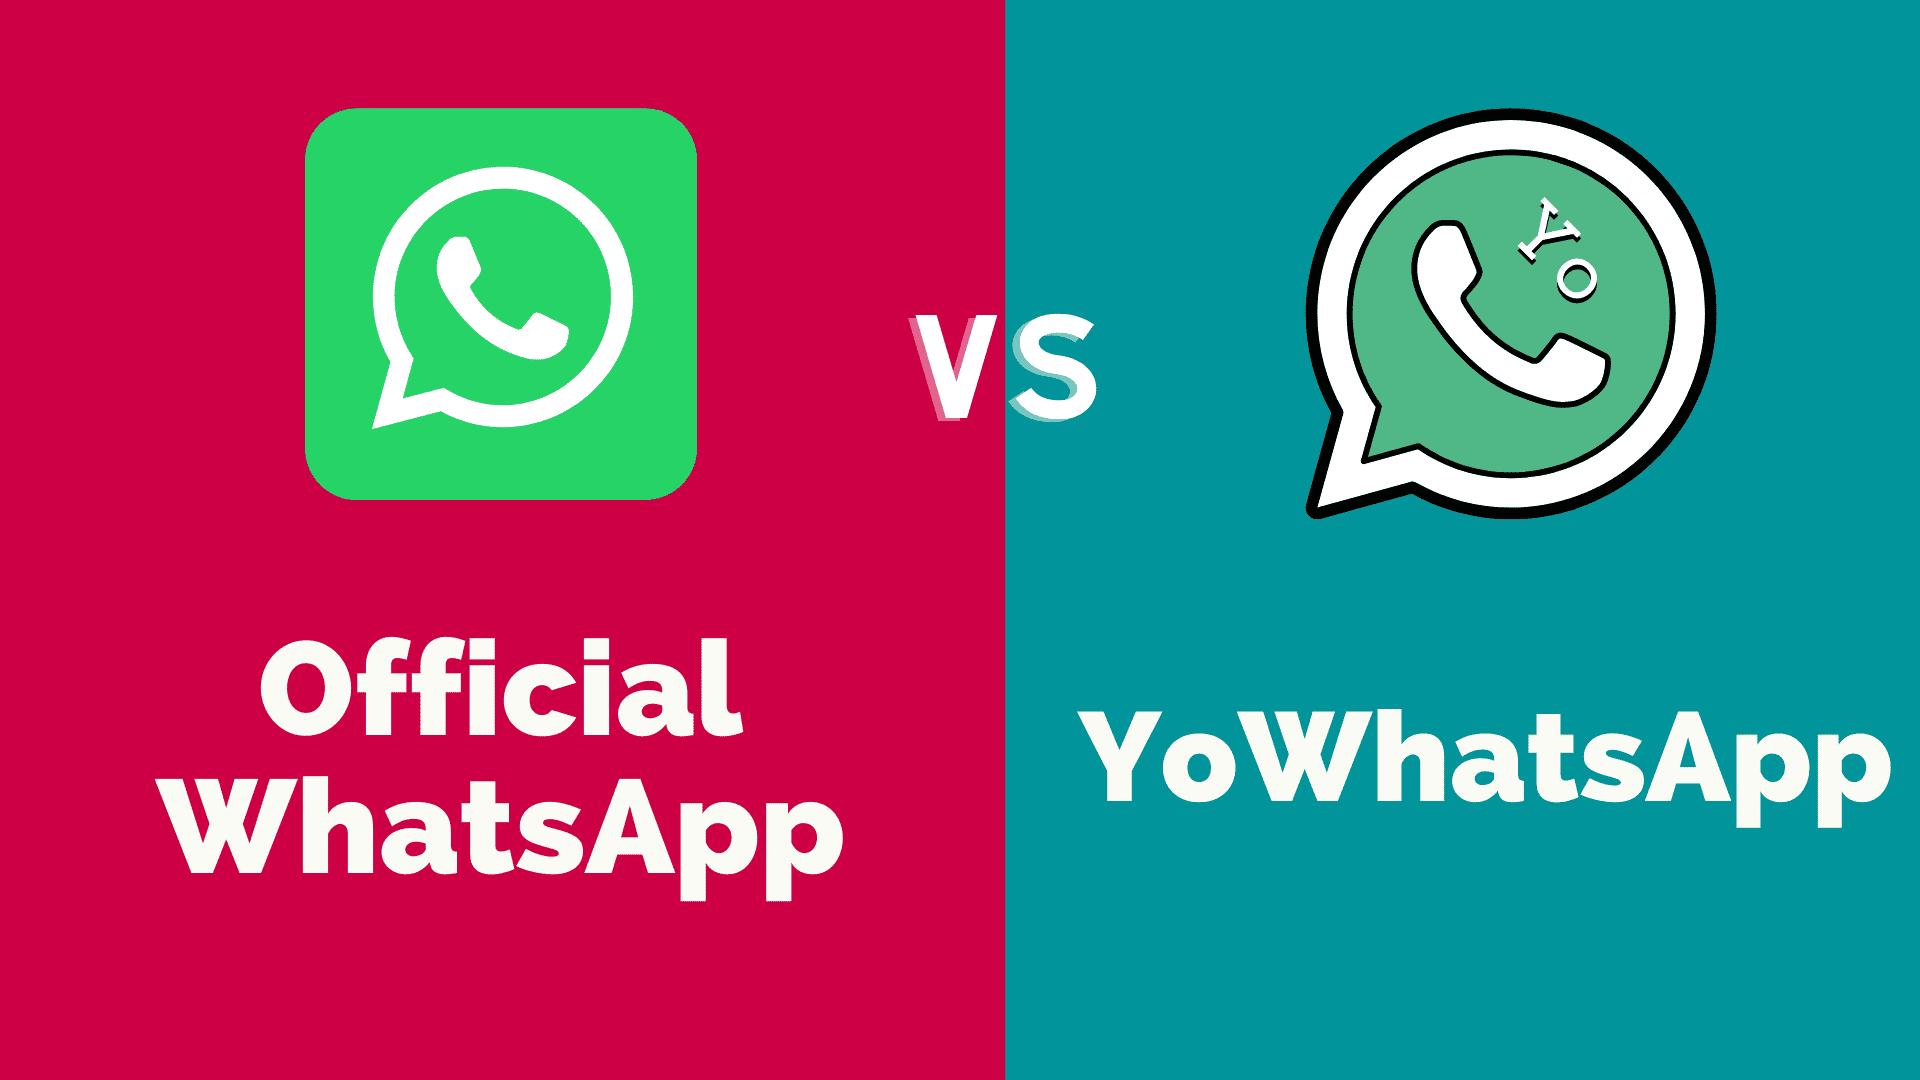 yowhatsapp vs official whatsapp